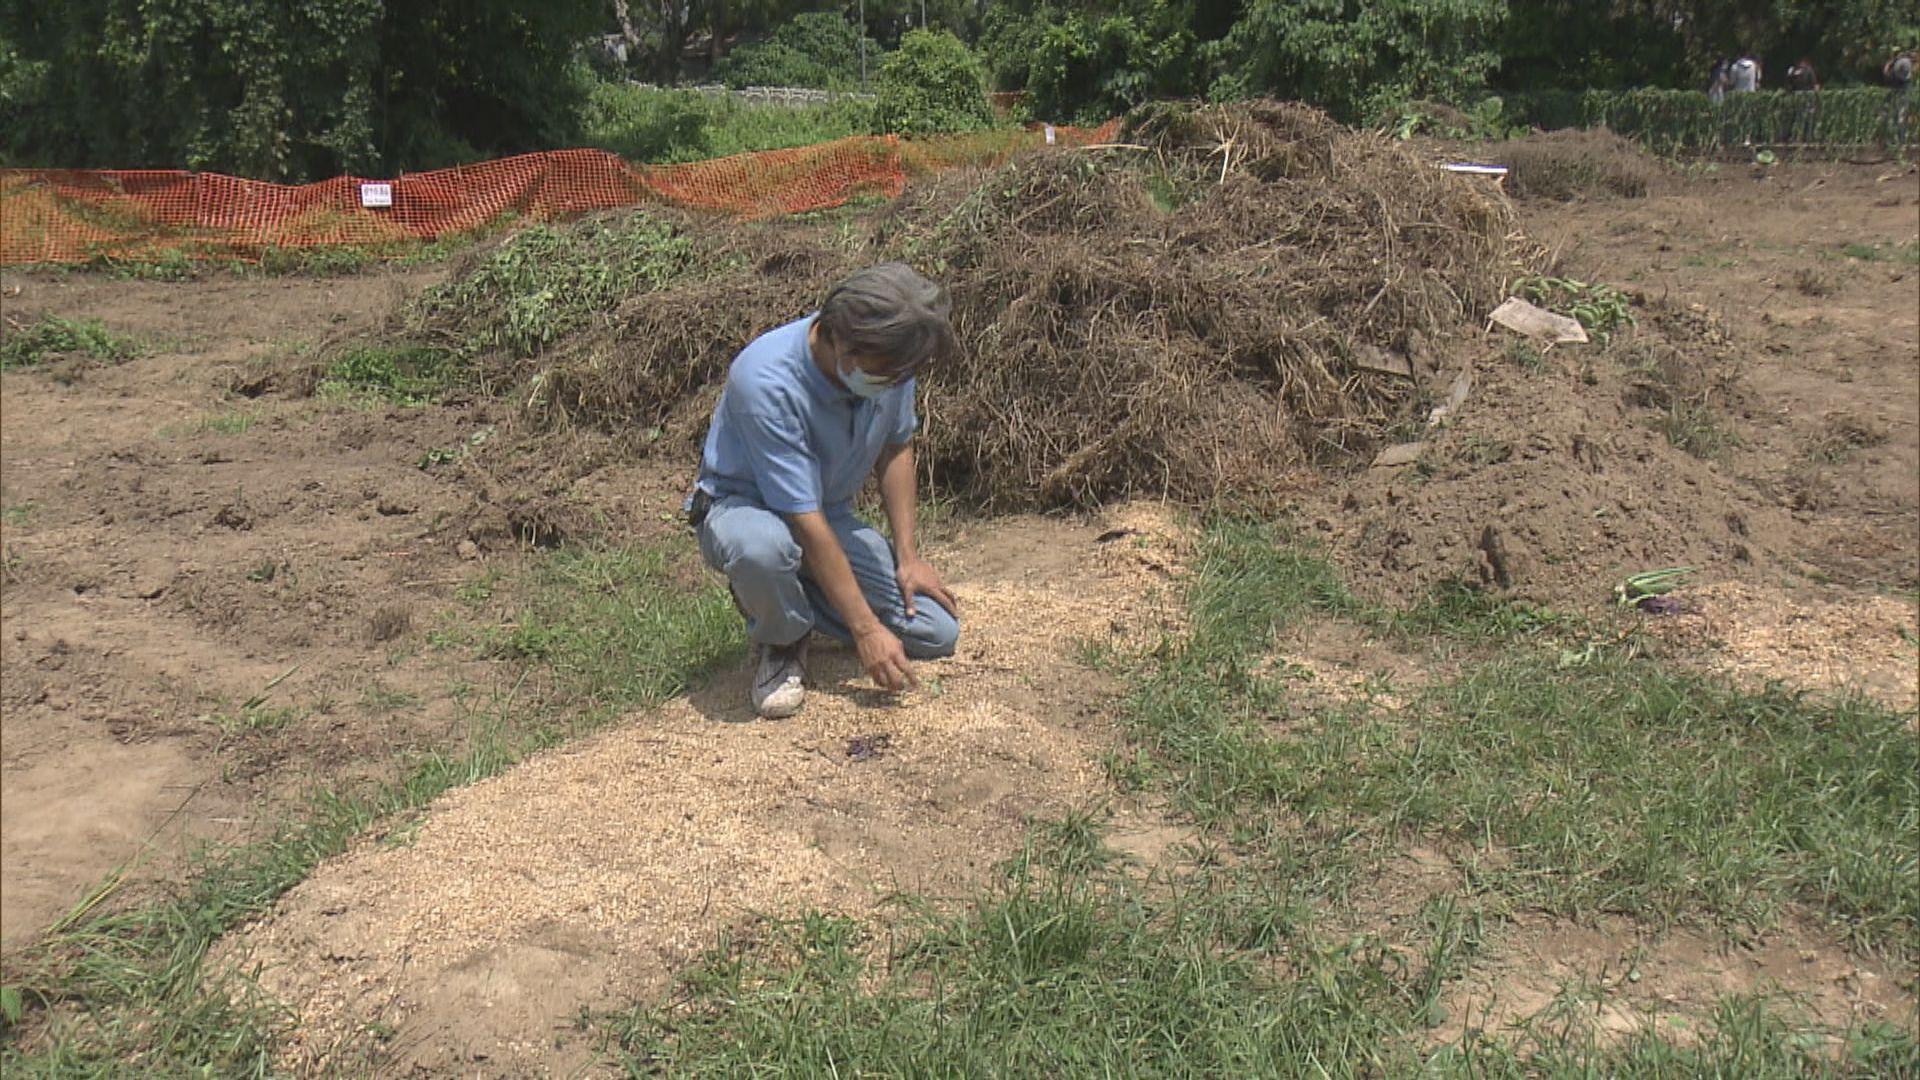 蕉徑農地突被剷走農作物 農戶批未達賠償共識收地粗暴